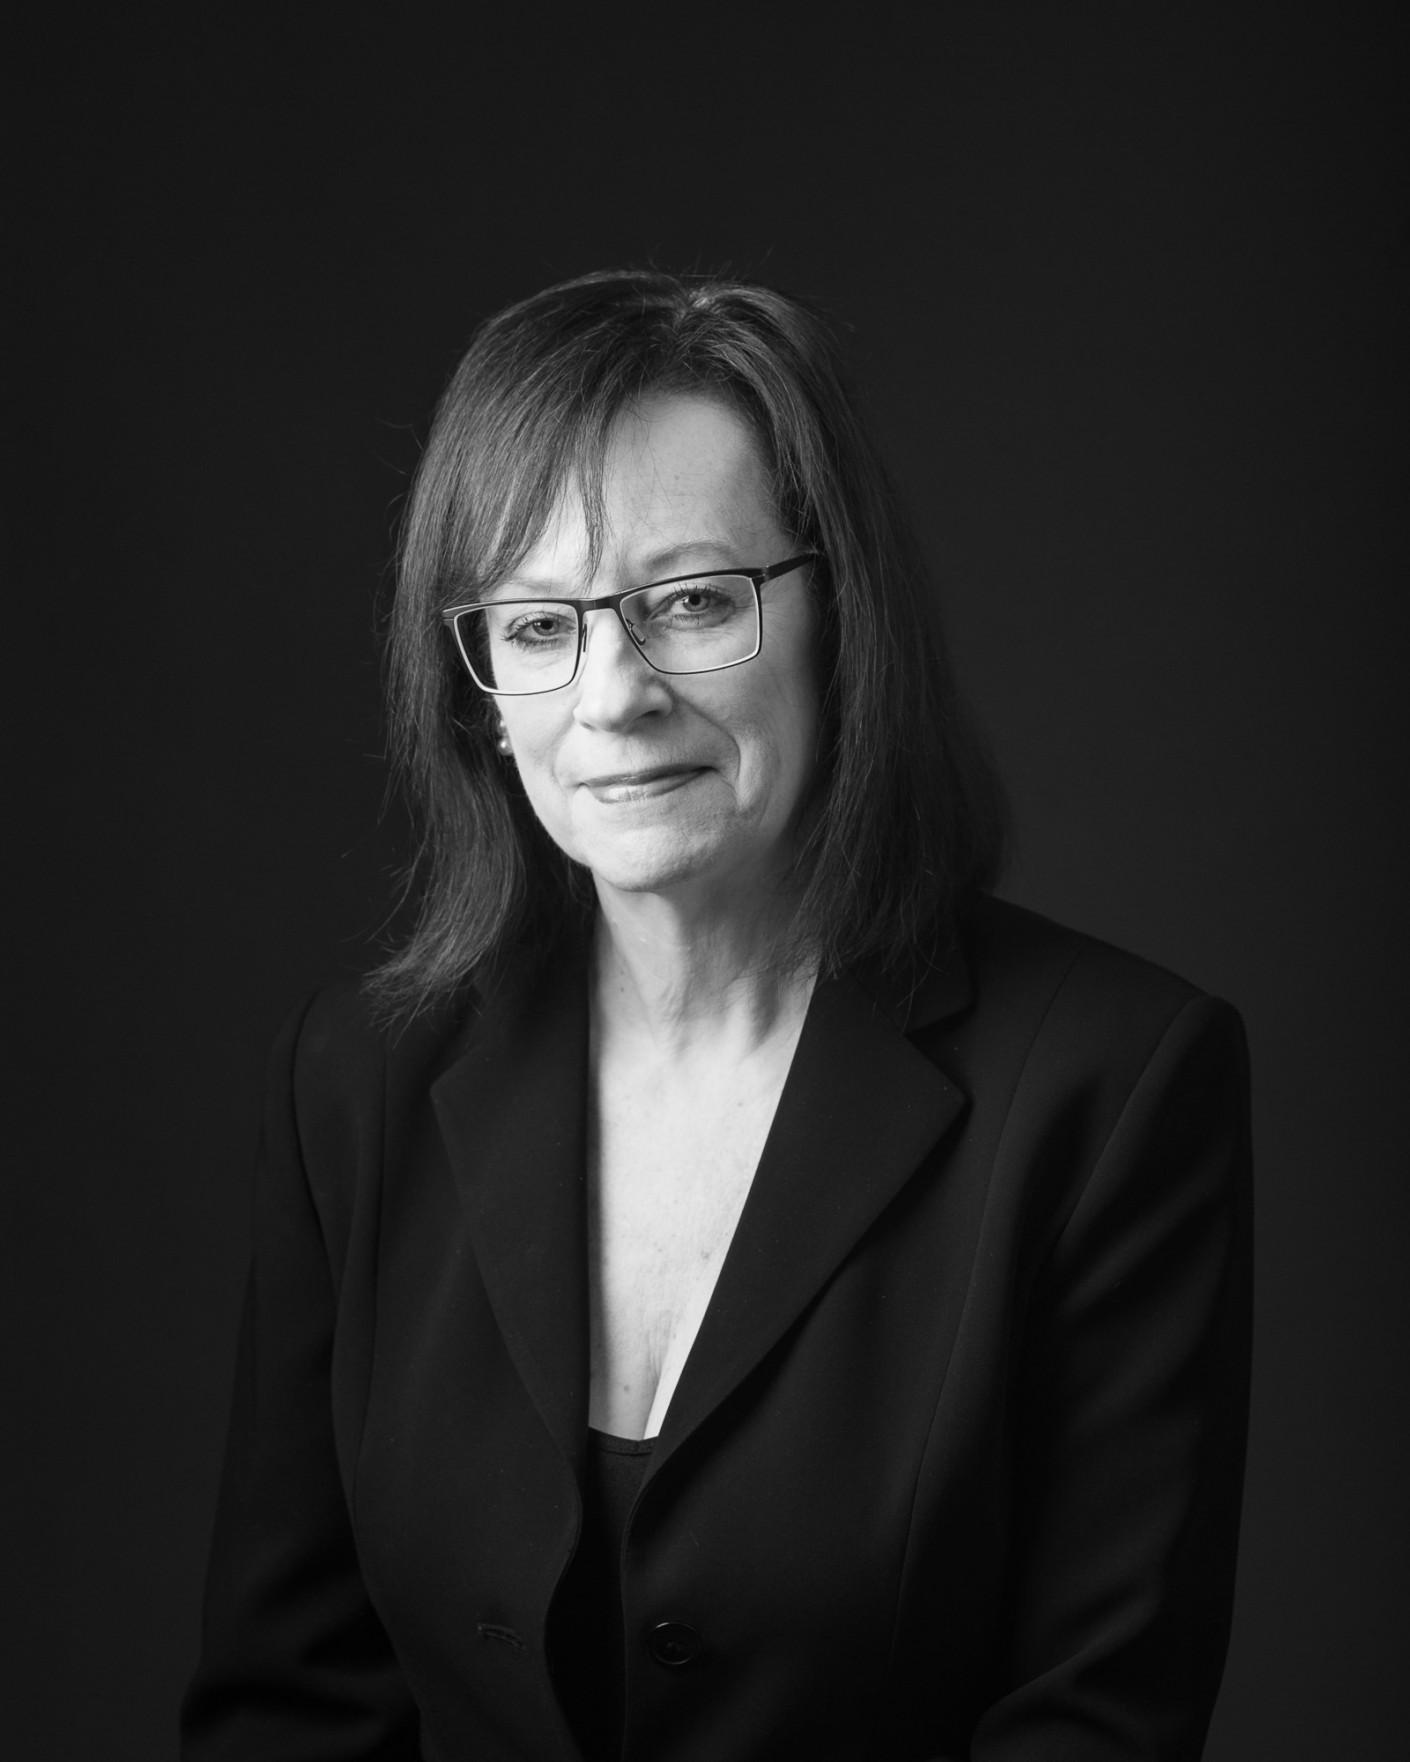 Casting : Sandra Penner -Chef de choeur Les chanteurs de Lorraine, KW:  Artiste, Musicien, Noir & Blanc